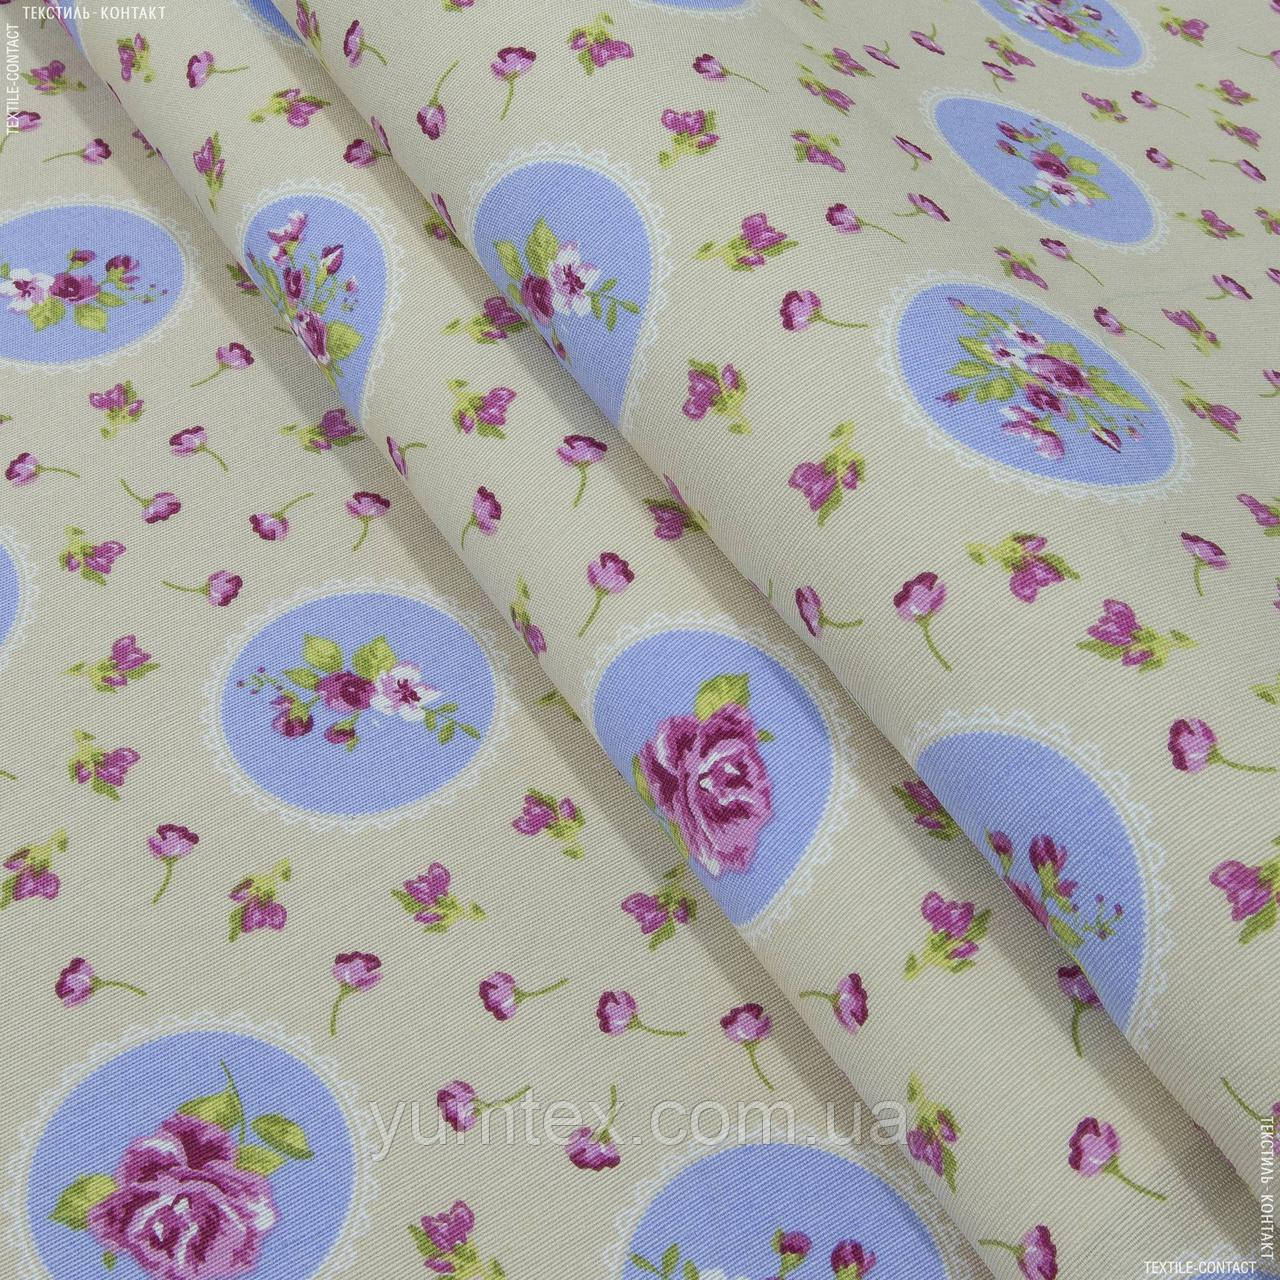 Декоративная ткань  джейззи 133612